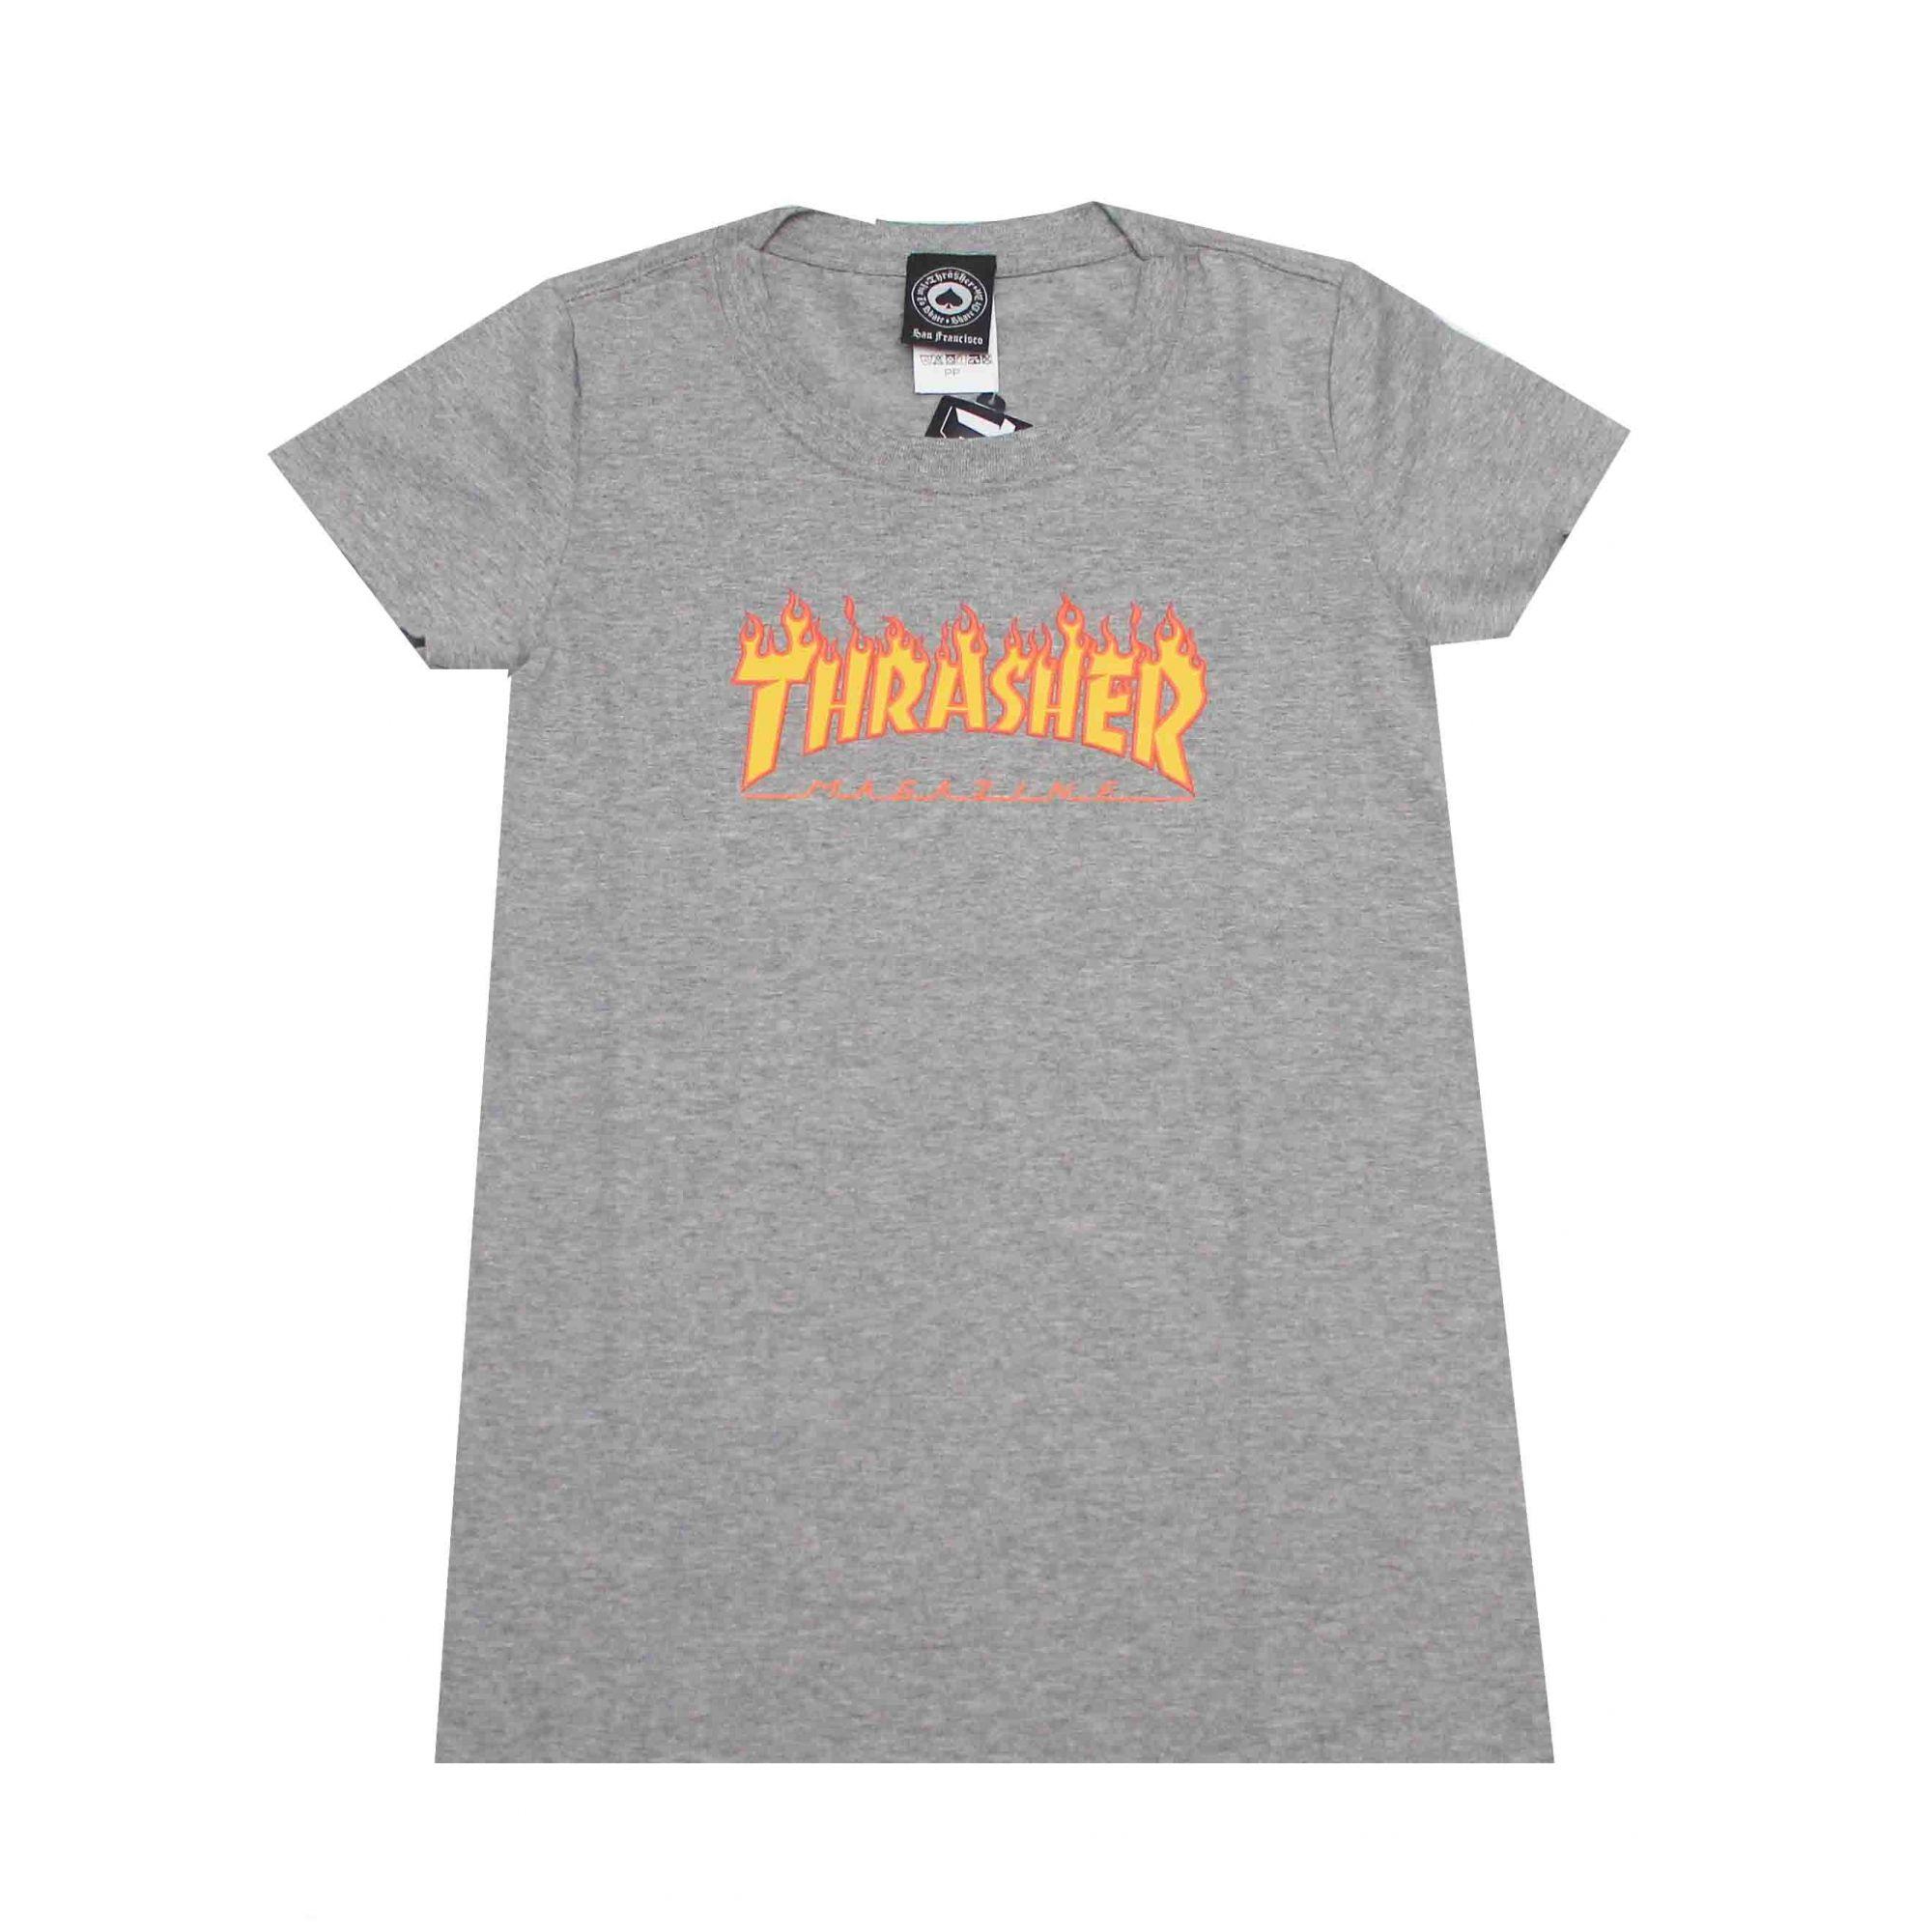 Camiseta Feminina Thrasher Magazine Classic Flame Grey